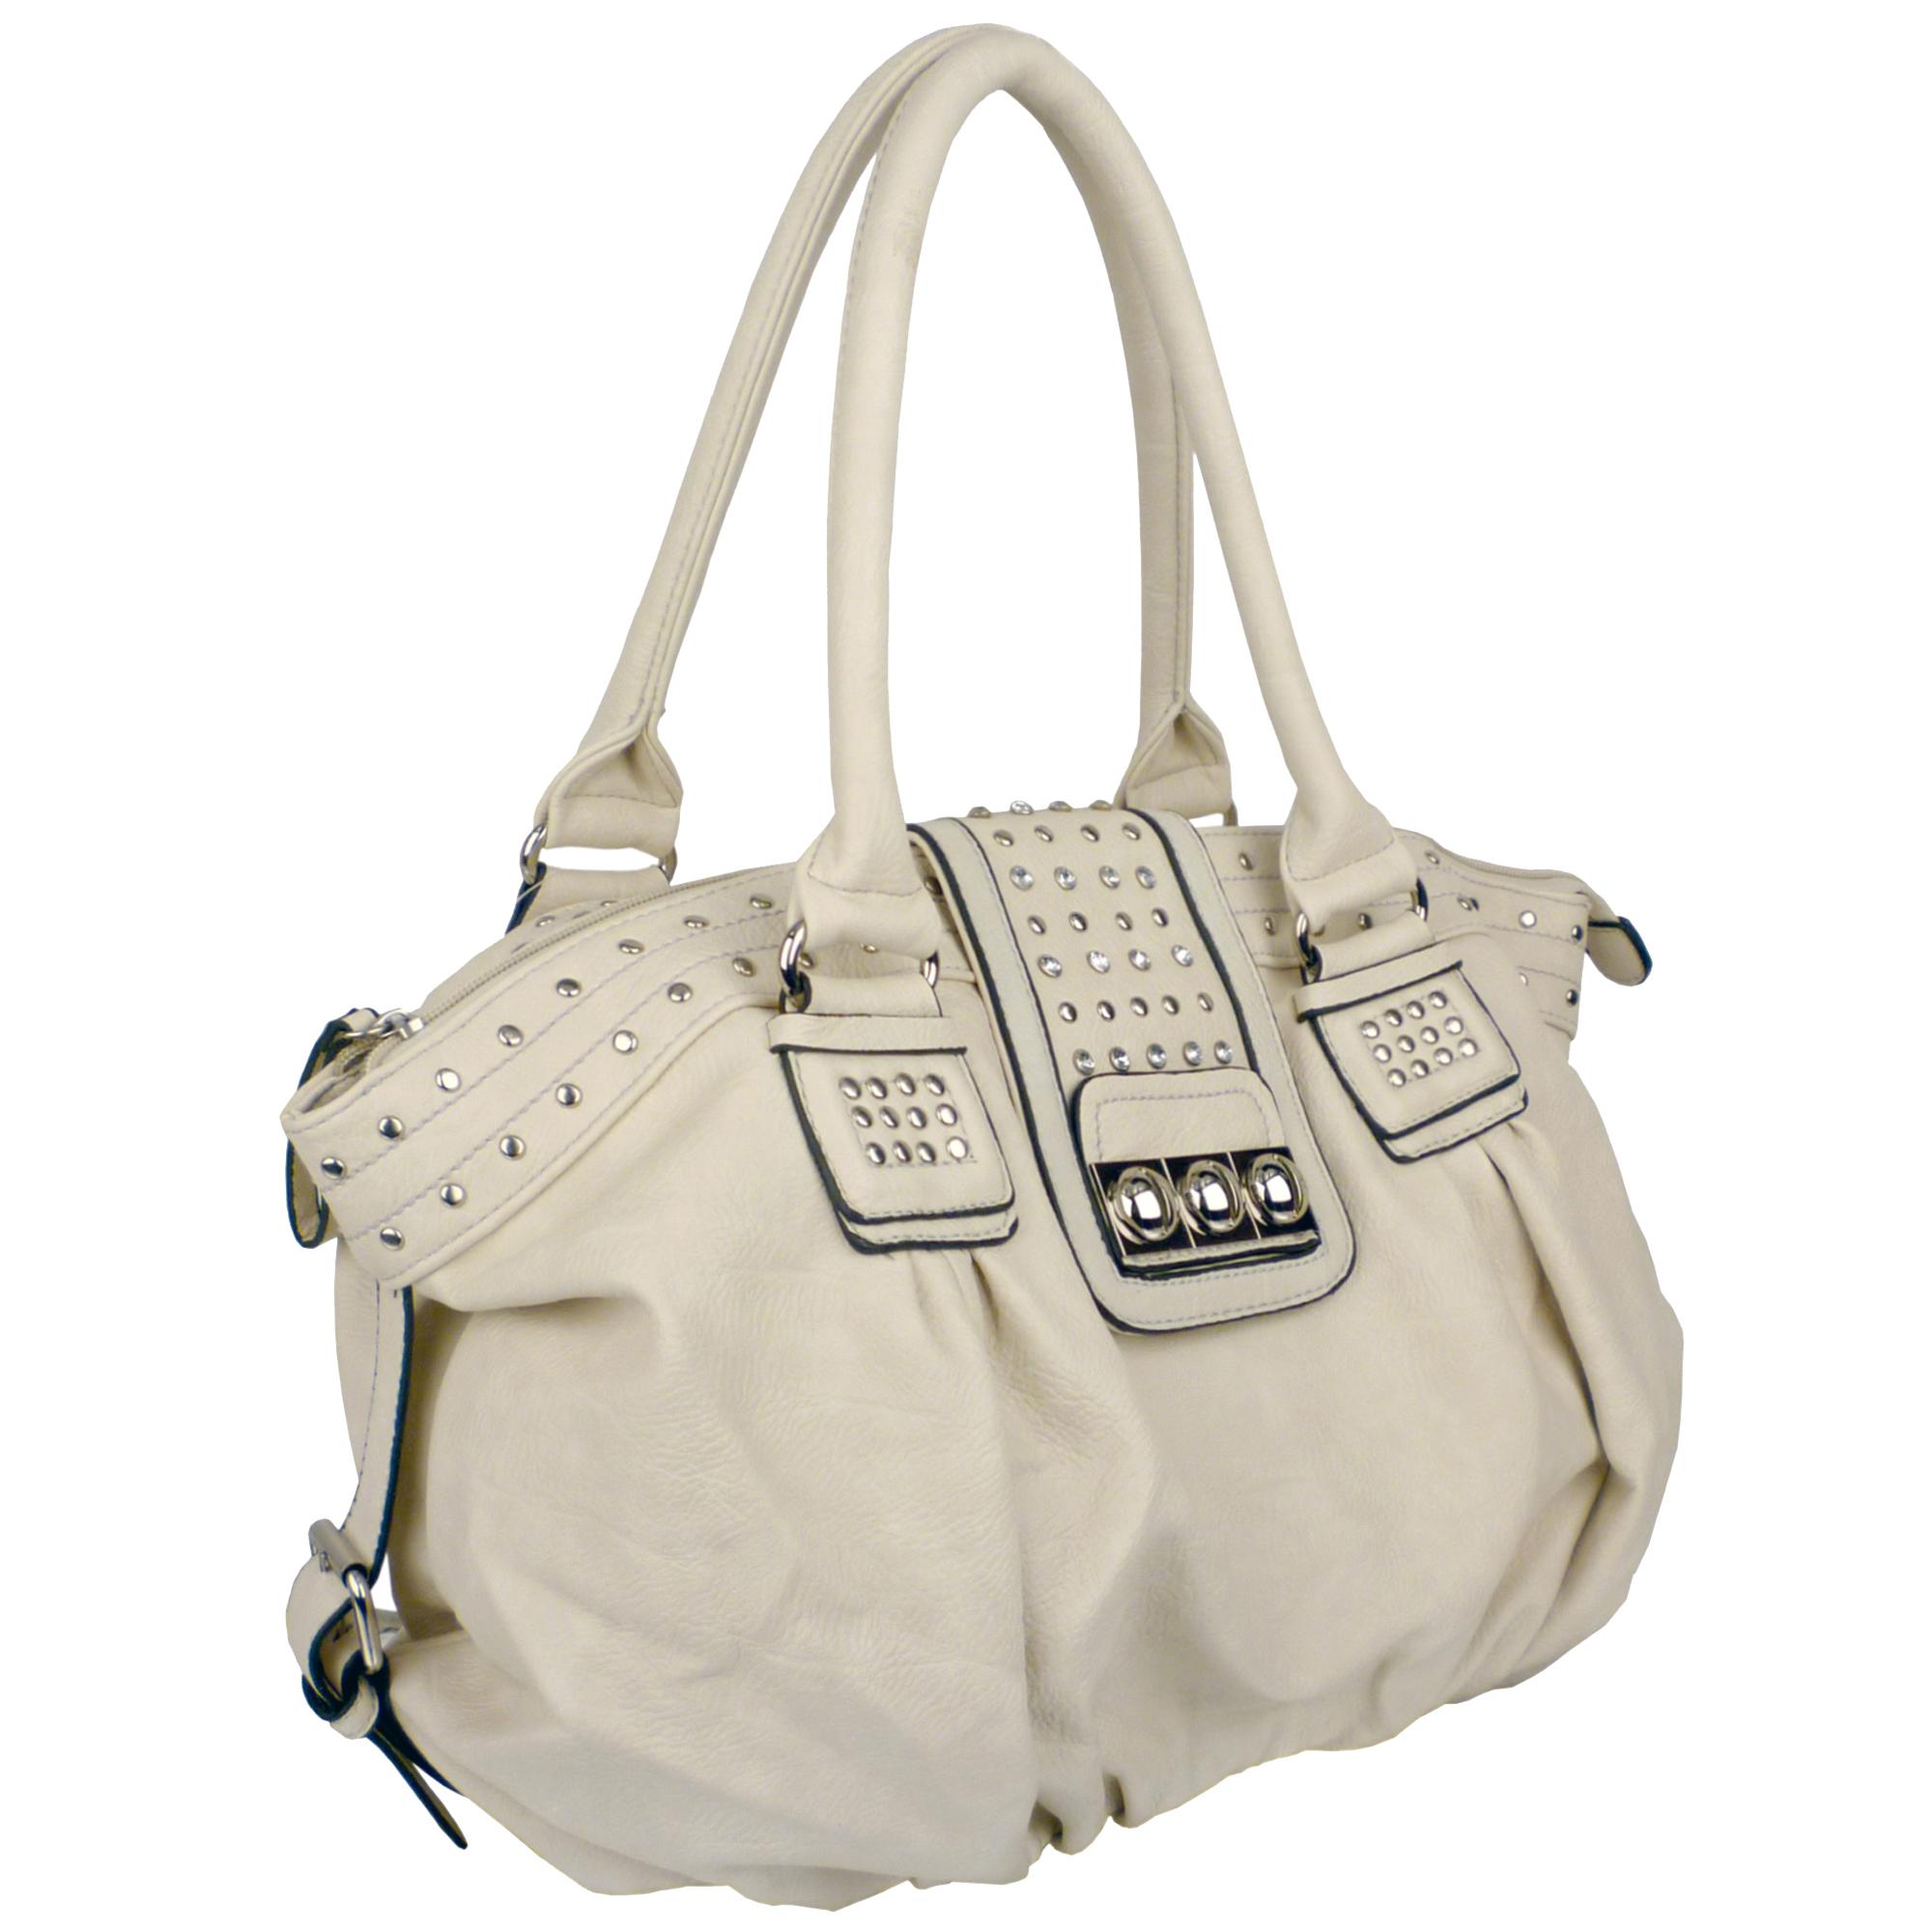 BRENNA Beige Studded Soft Shopper Style Hobo Handbag Angled